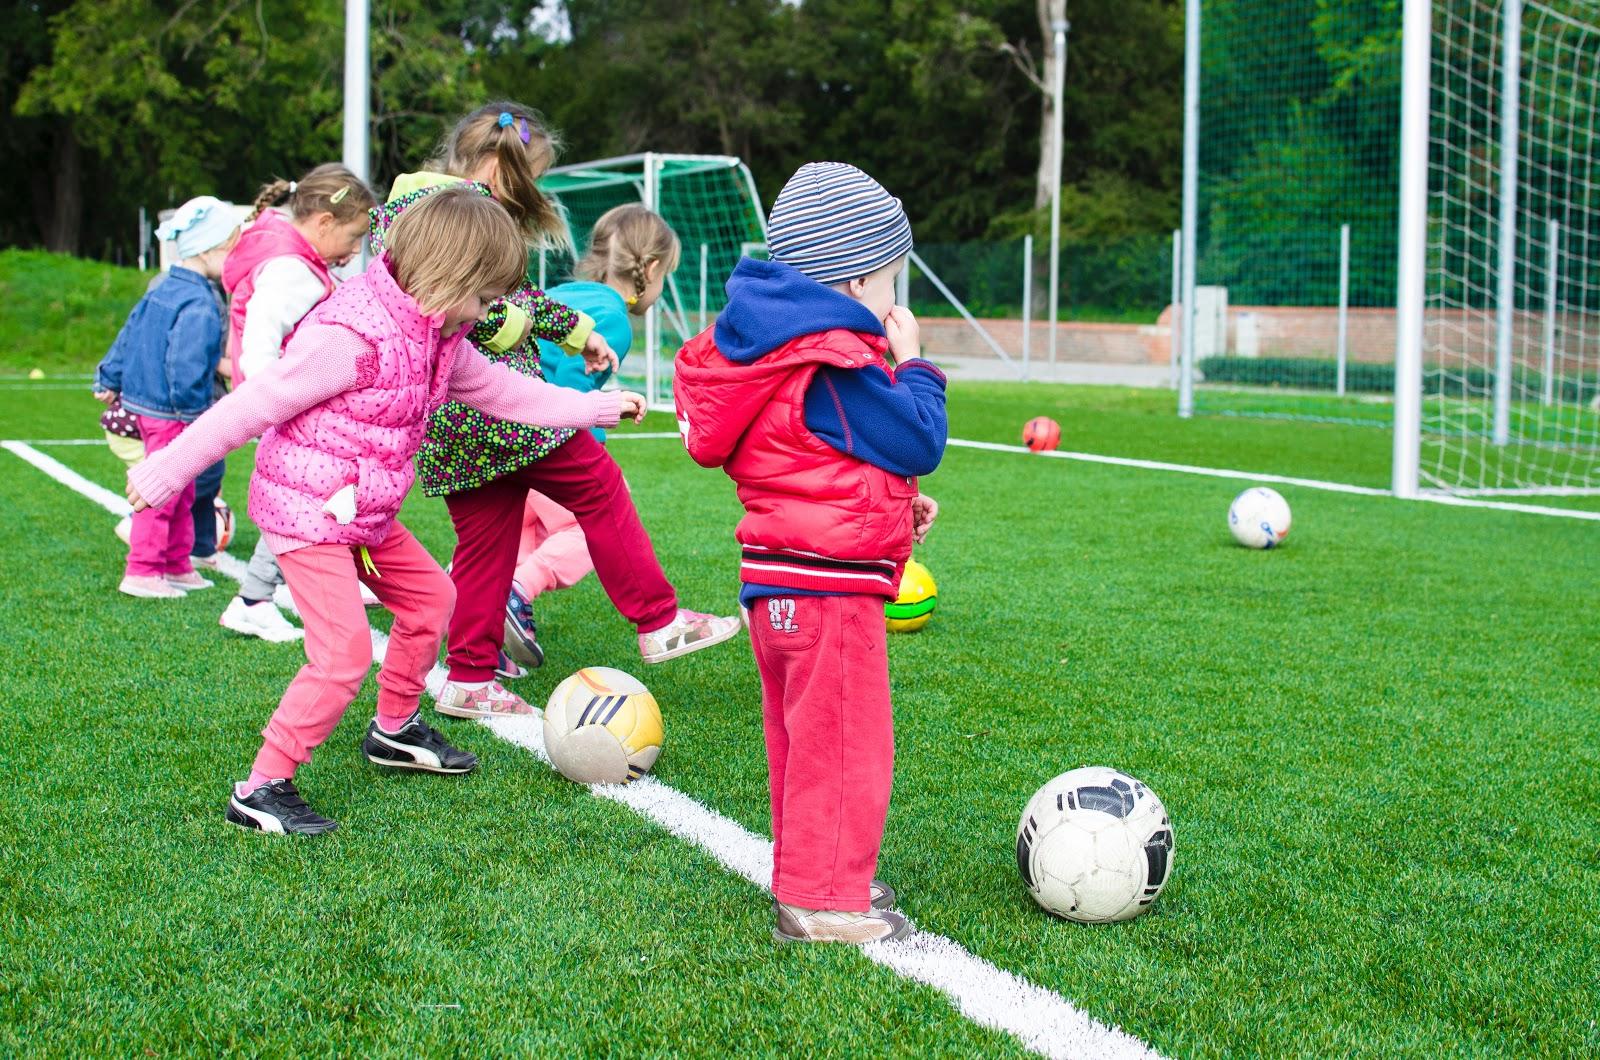 Hoạt động ngoài trời giúp trẻ phát triển toàn diện hơn